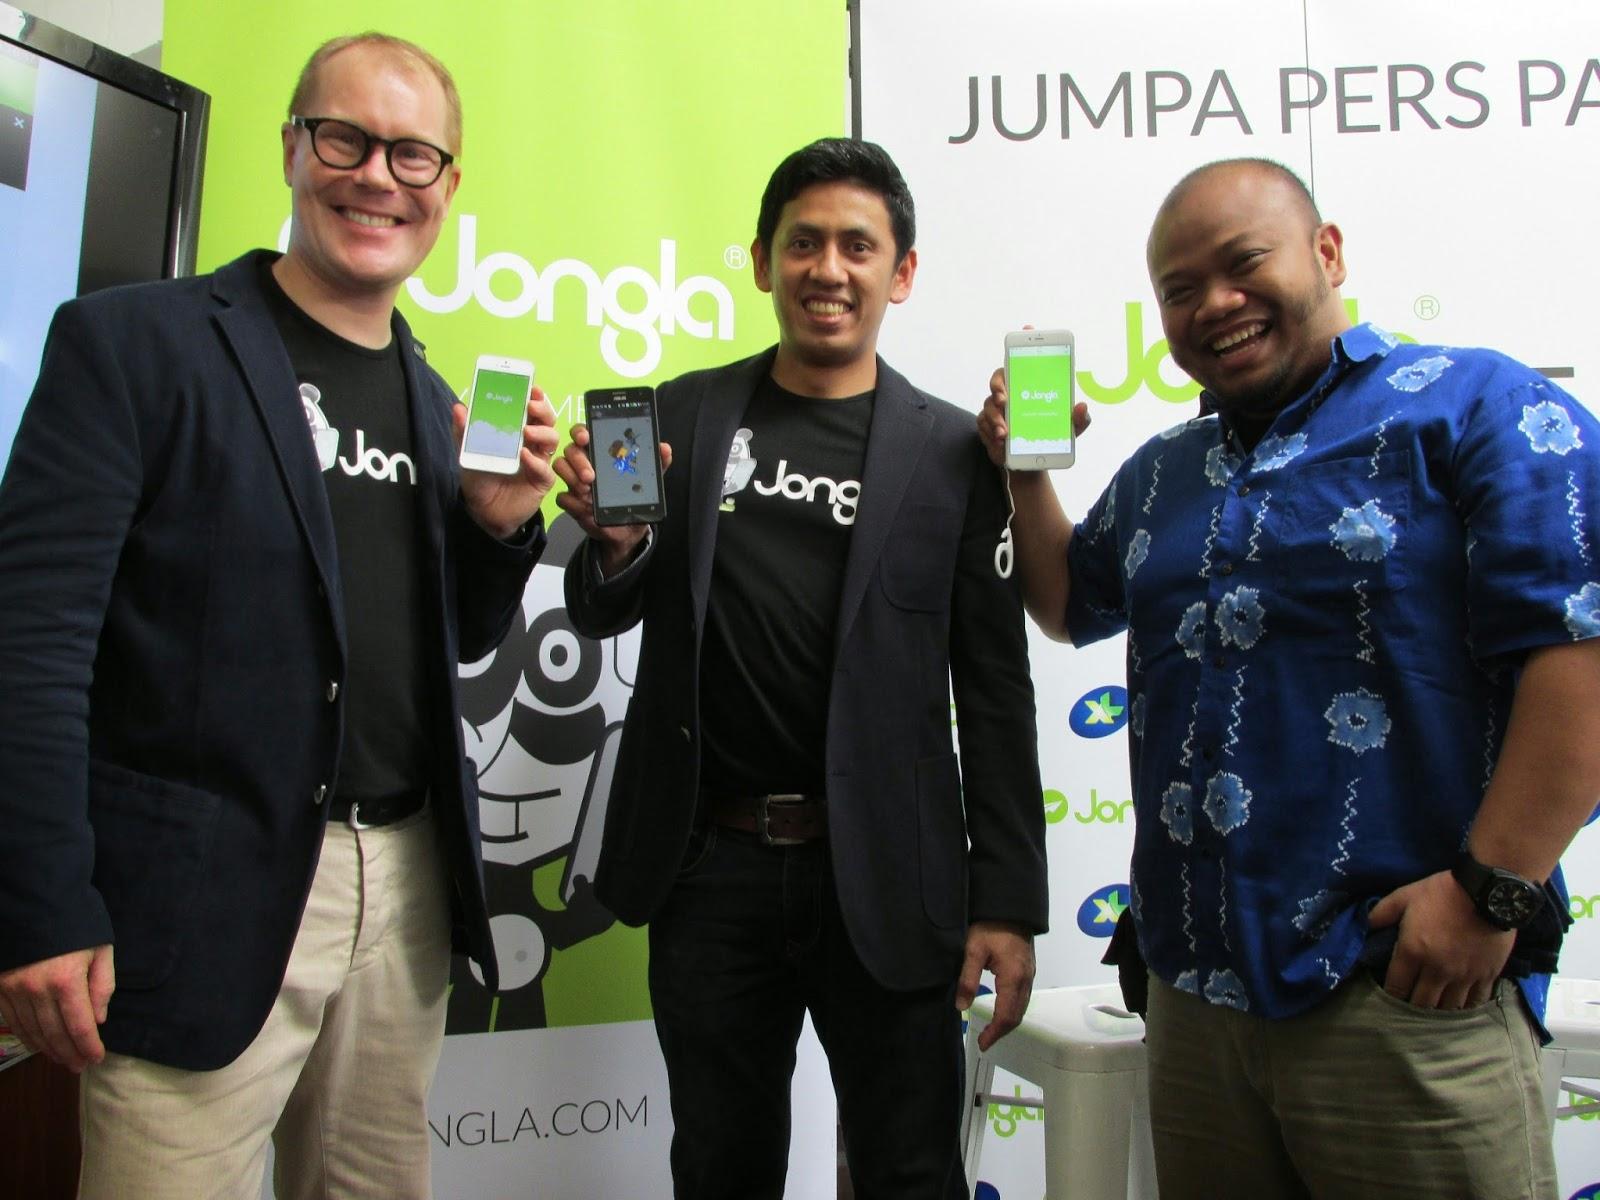 XL Jalin Kerjasama Dengan Jongla Instant Messenger